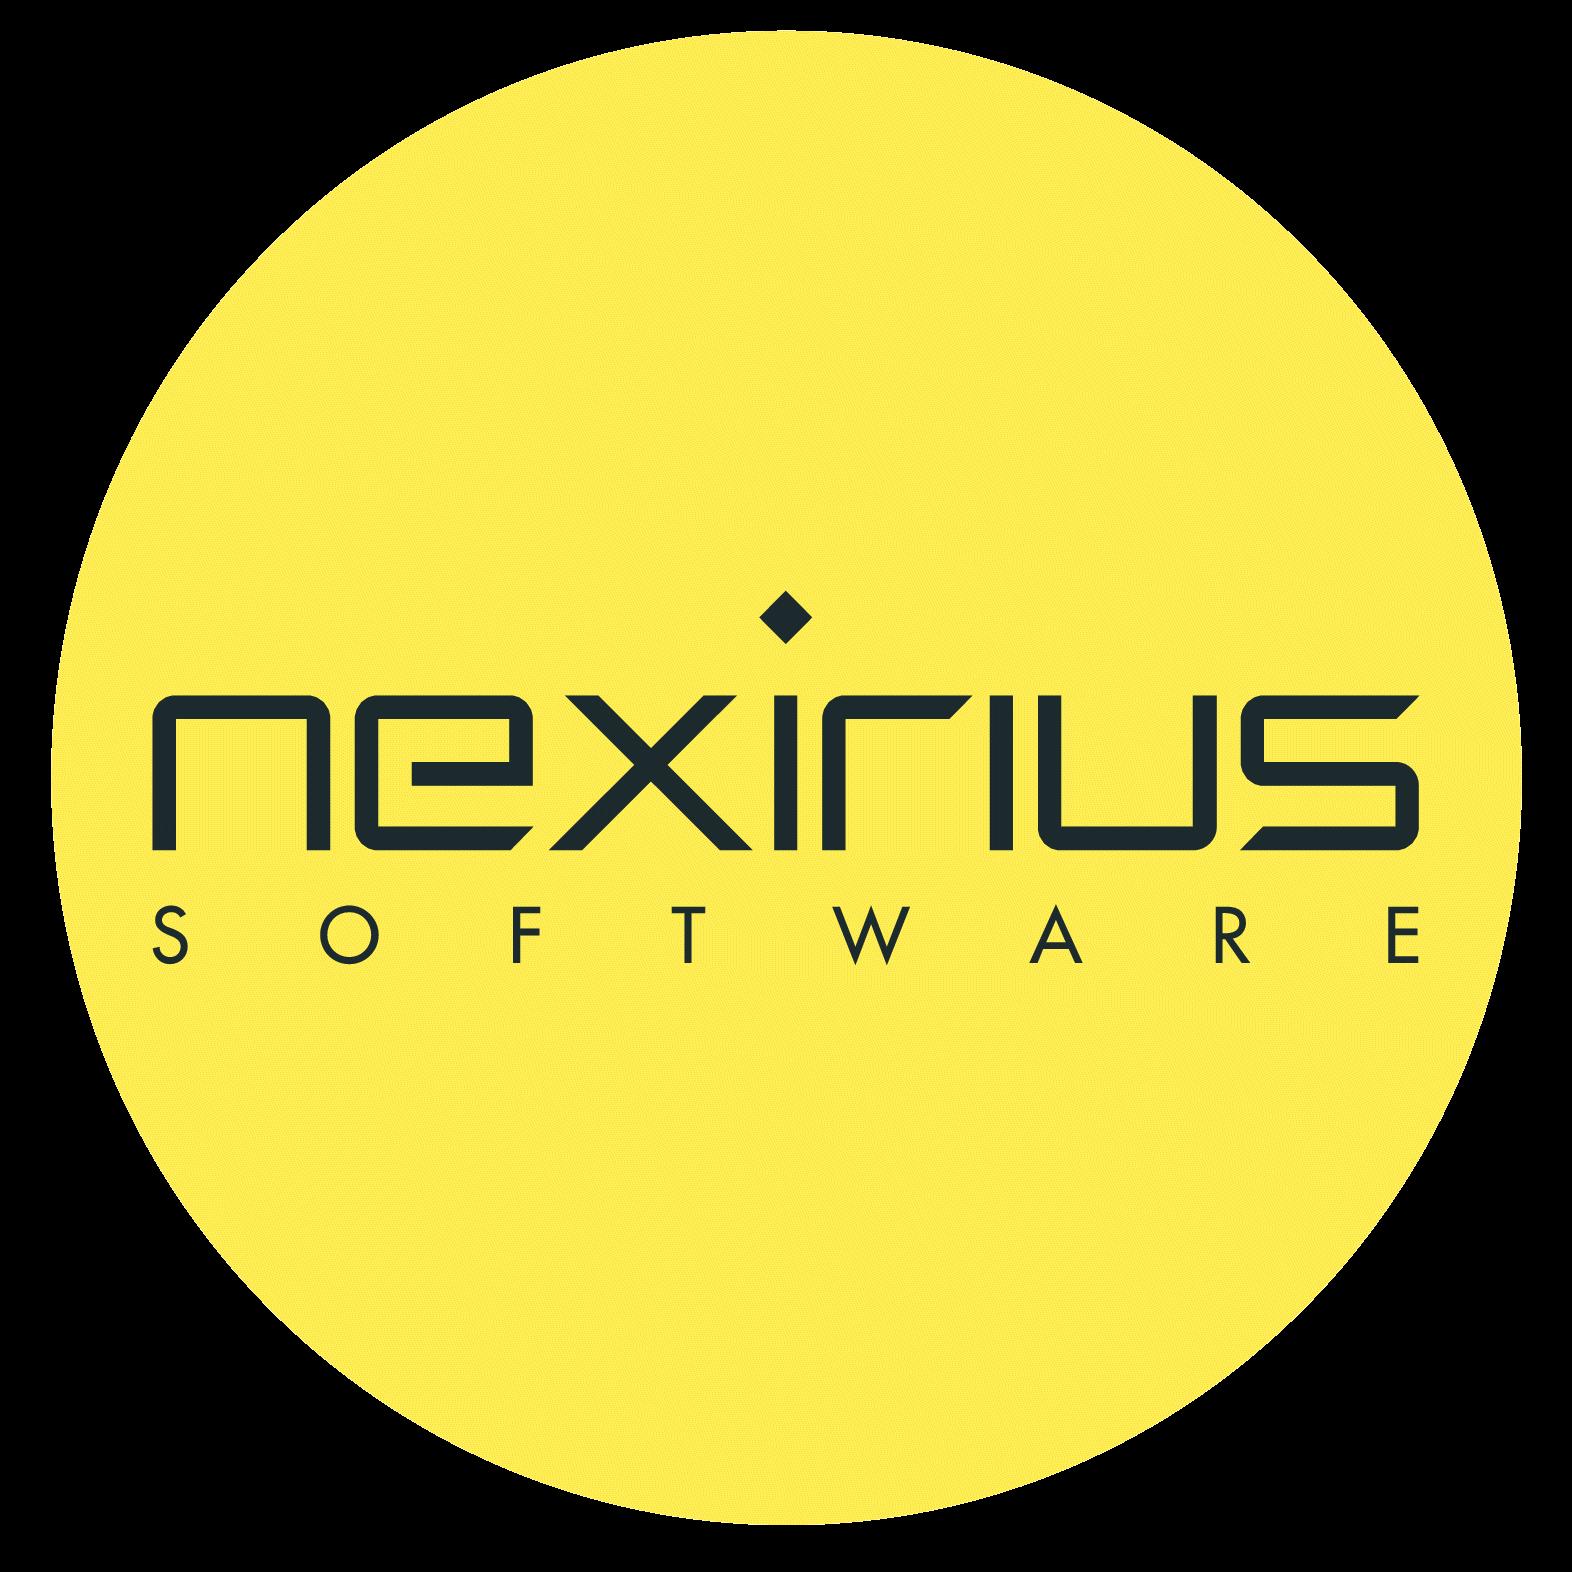 Logo of Nexirius